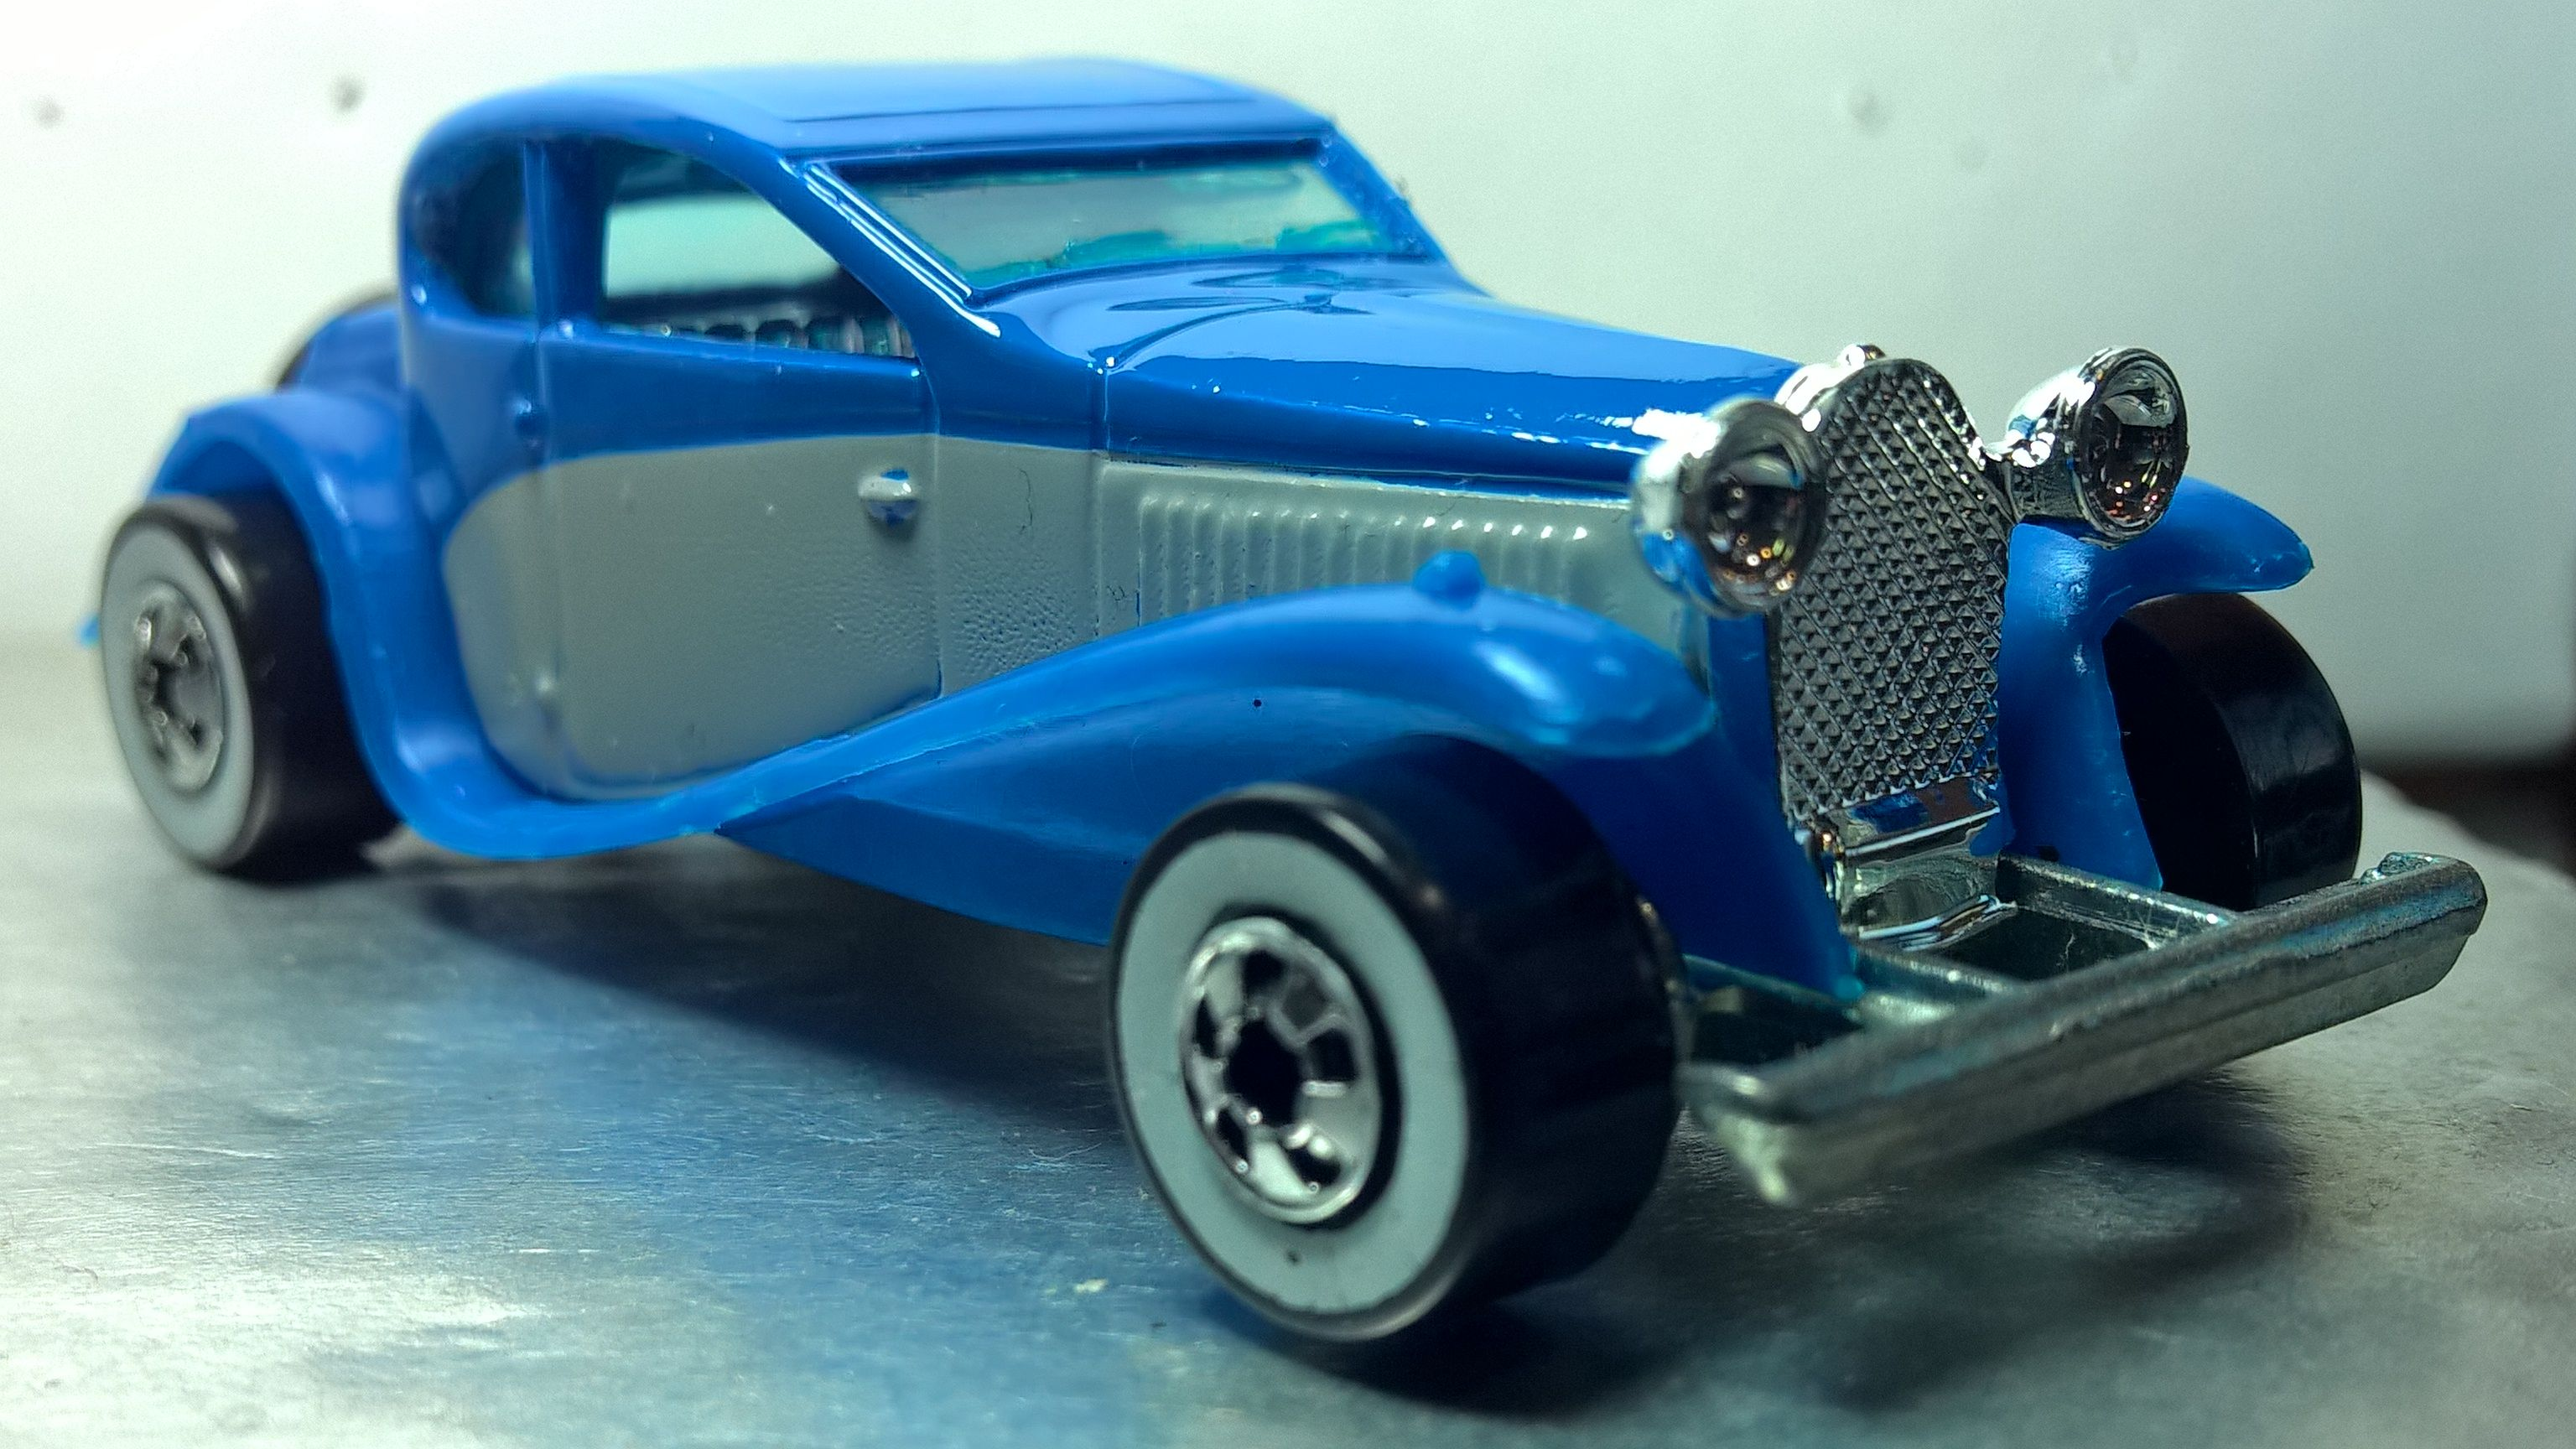 hot wheels 37 bugatti collector 28 1989 hot wheels bugatti cars room hot wheels 37 bugatti collector 28